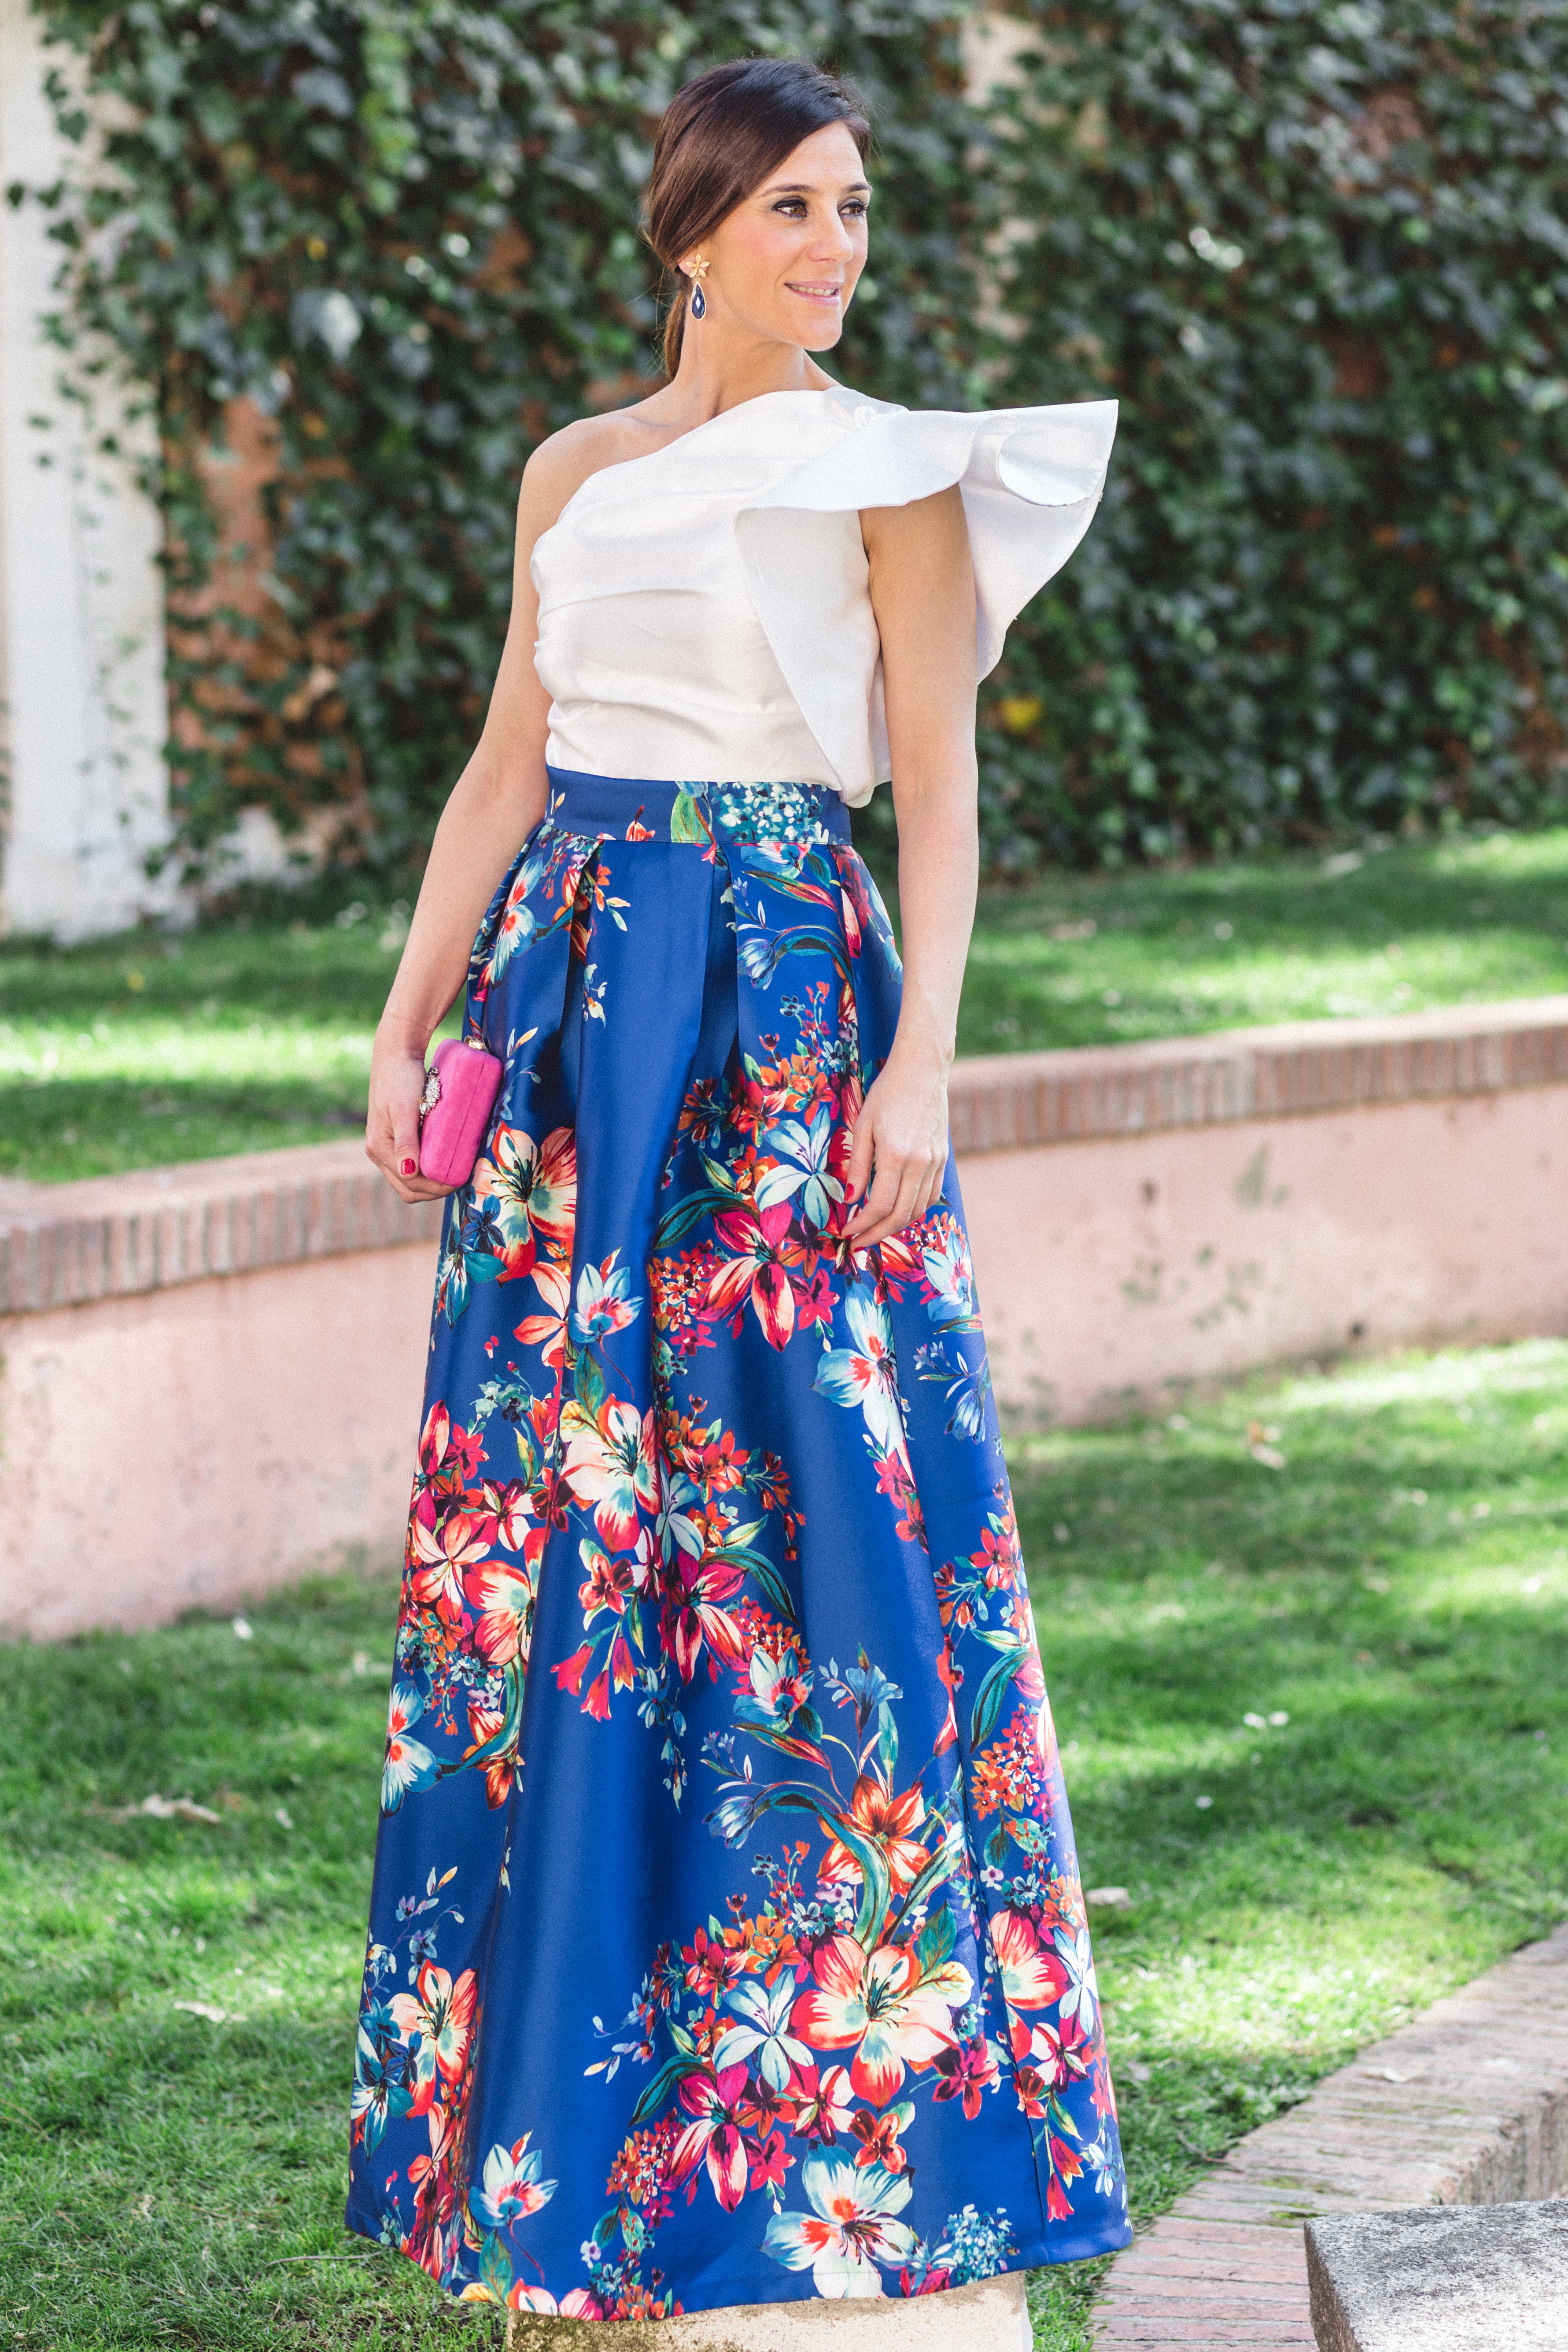 Falda azul con estampado de flores en rojos y rosas